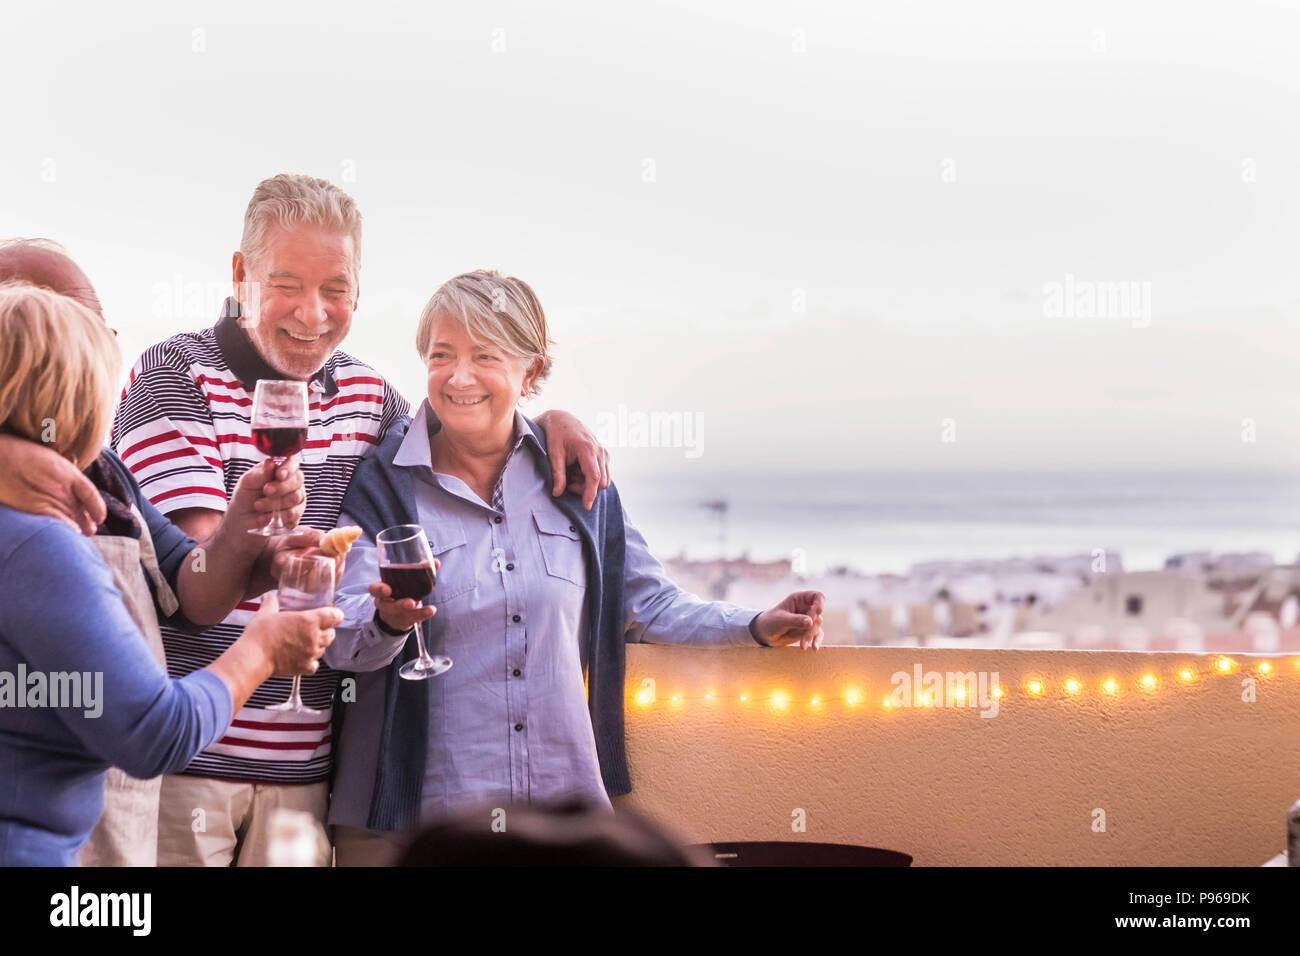 Evento di celebrazione all'aperto per un gruppo di persone adulte. drkinking vino nella terrazza sul tetto con una bella vista sullo sfondo. Lo stile di vita felice togethe Foto Stock